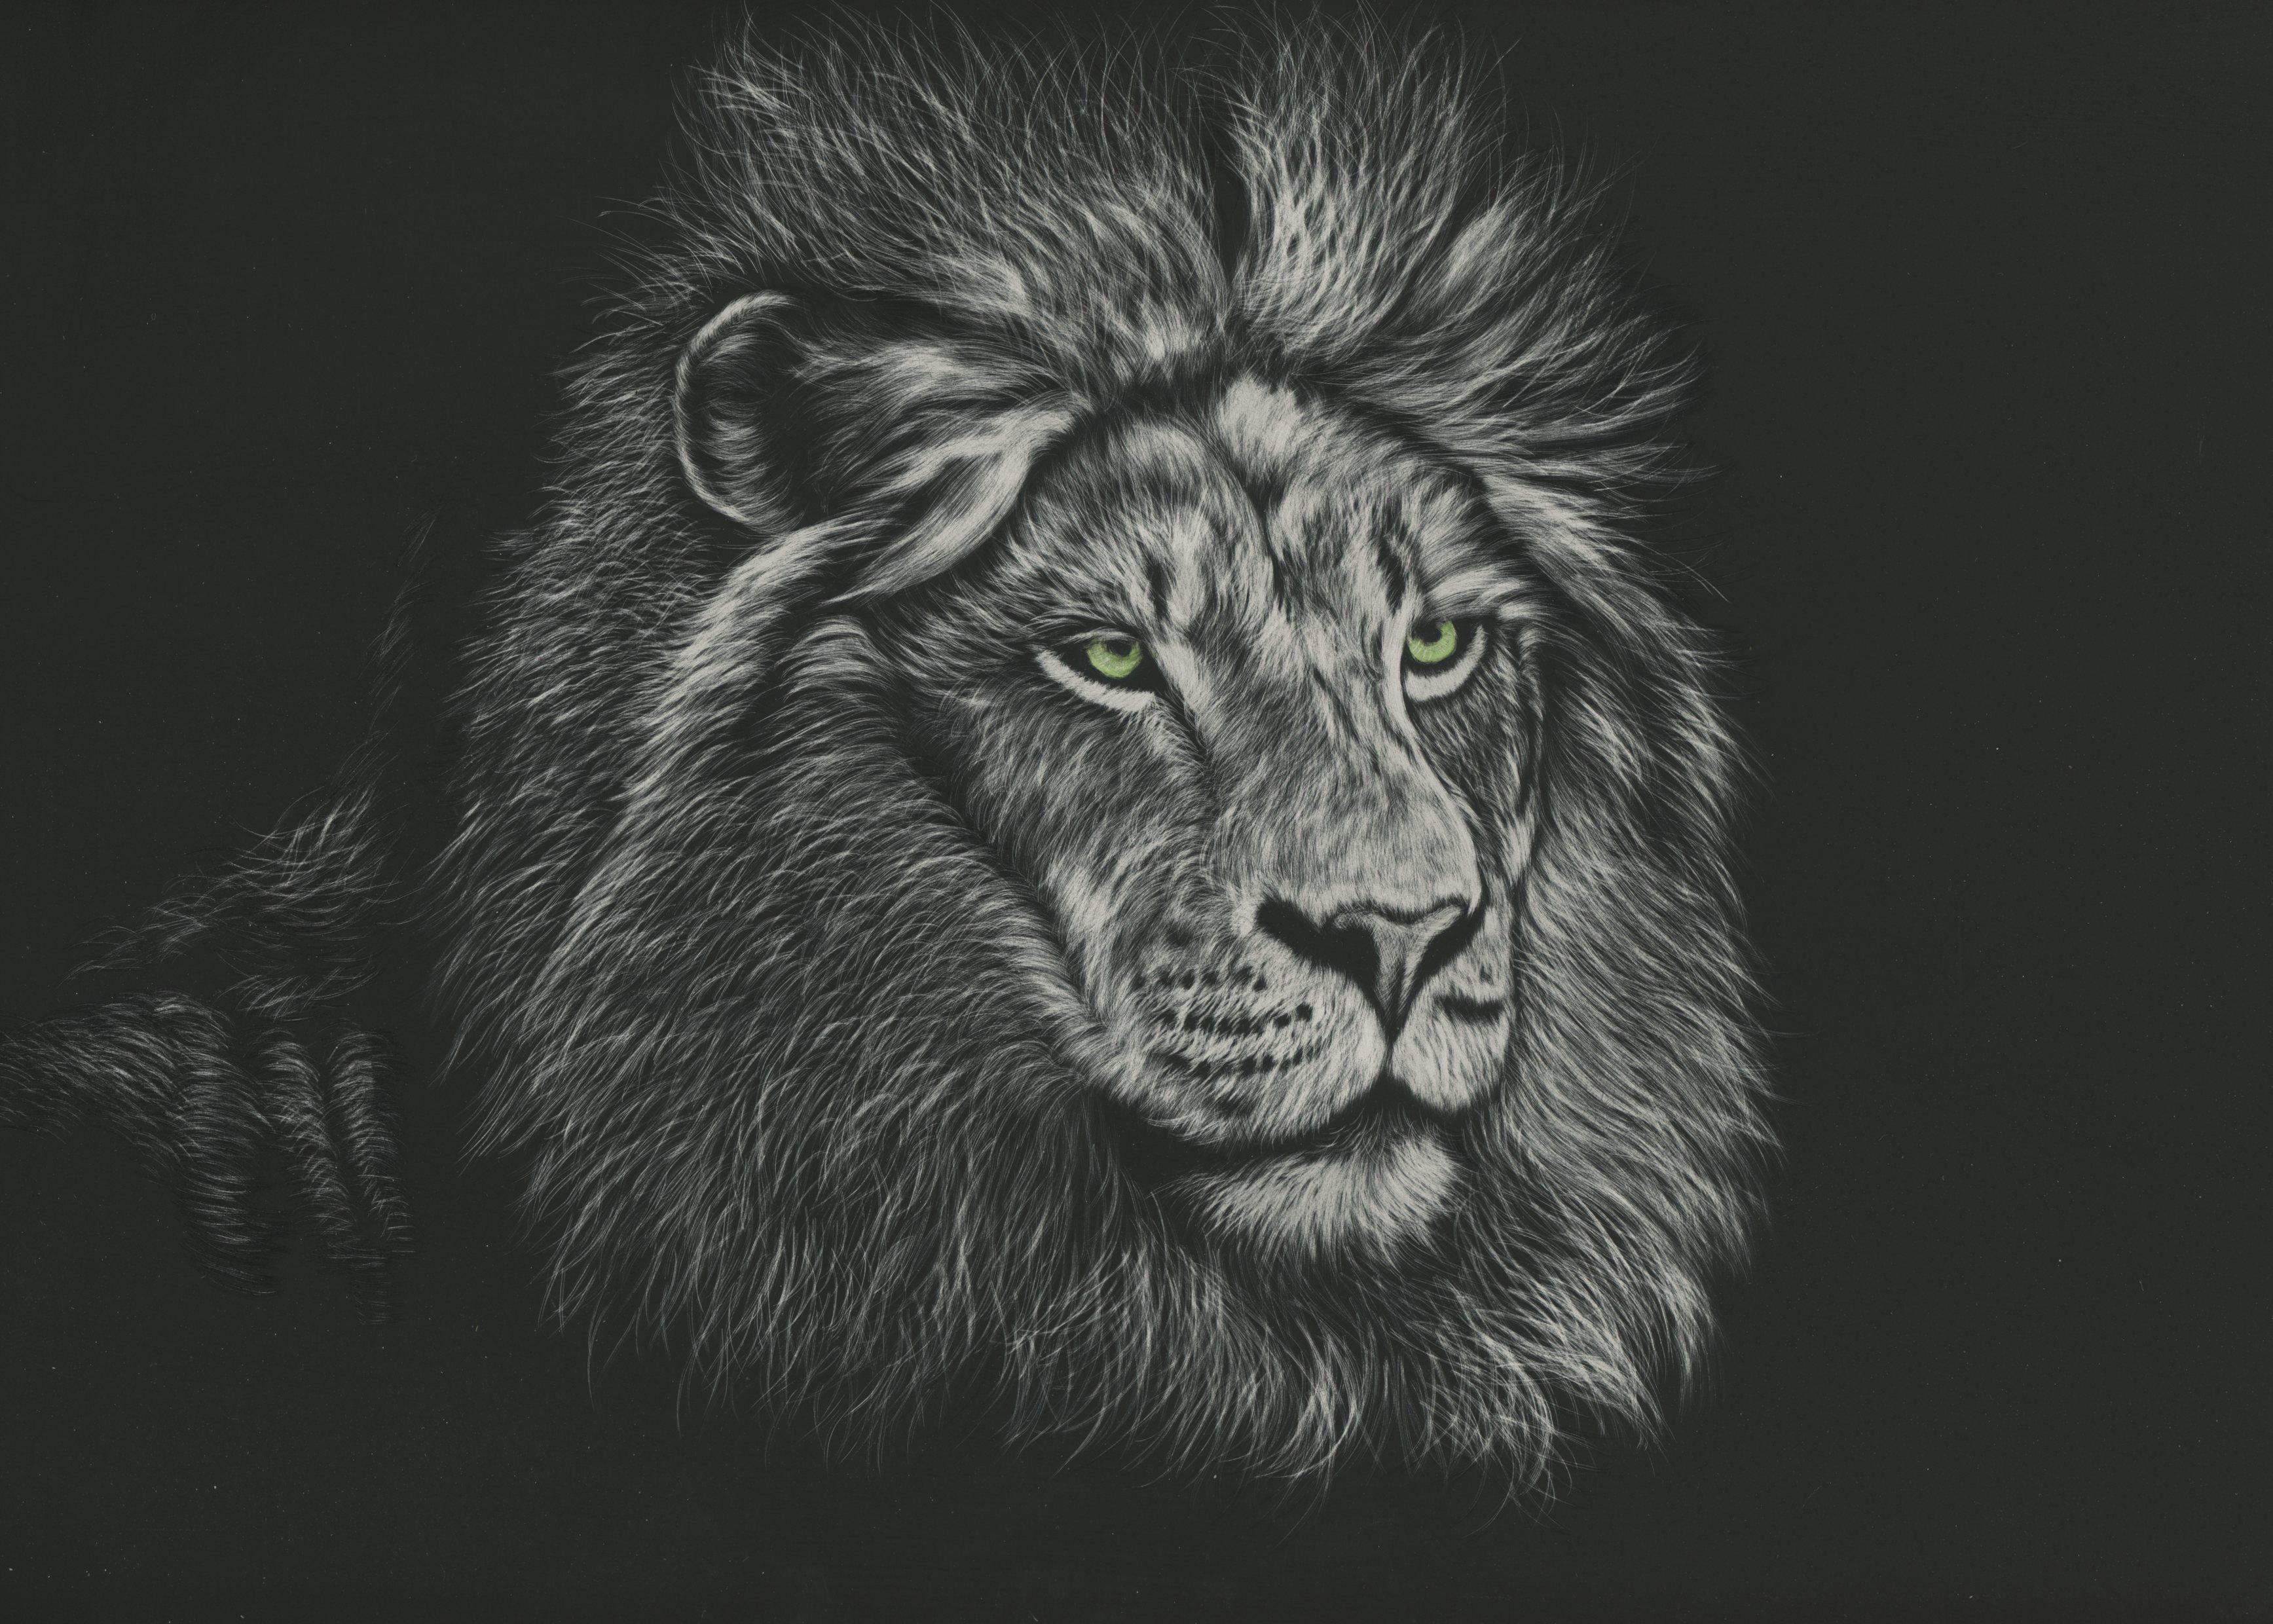 105211 Protetores de tela e papéis de parede Rei Das Feras em seu telefone. Baixe Arte, Leão, Um Leão, Predator, Predador, Juba, Rei Das Feras, Rei Das Bestas fotos gratuitamente